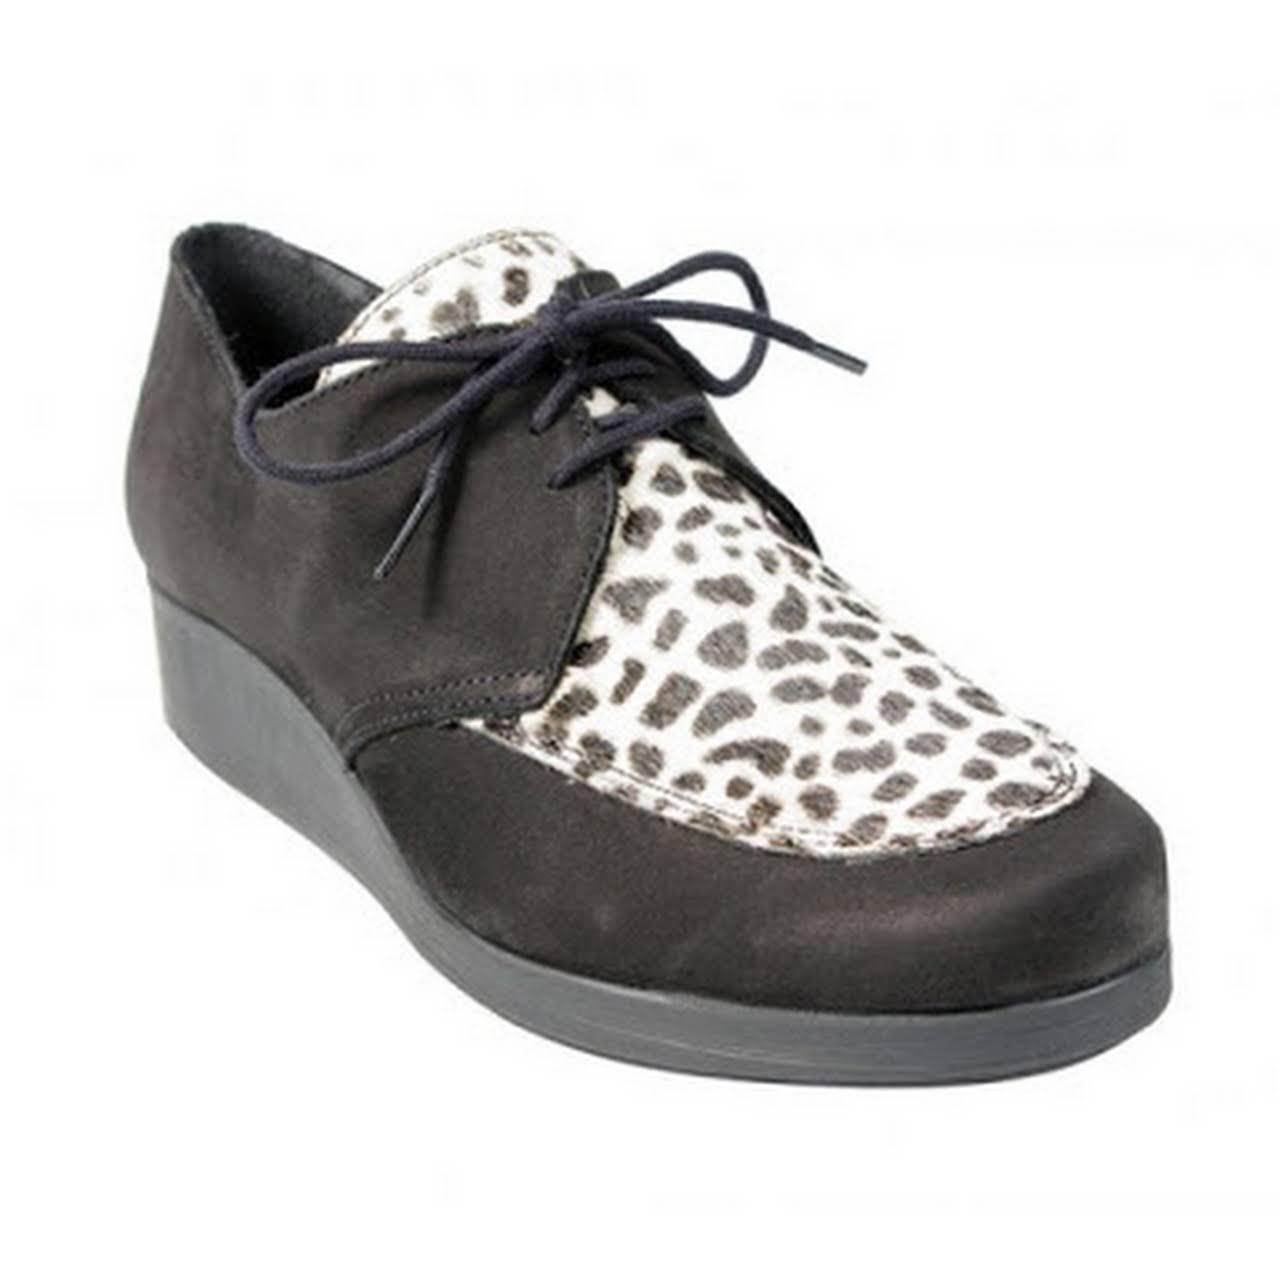 38817933f71c79 Mandrilly Chausseur - Magasin De Chaussures à Paris